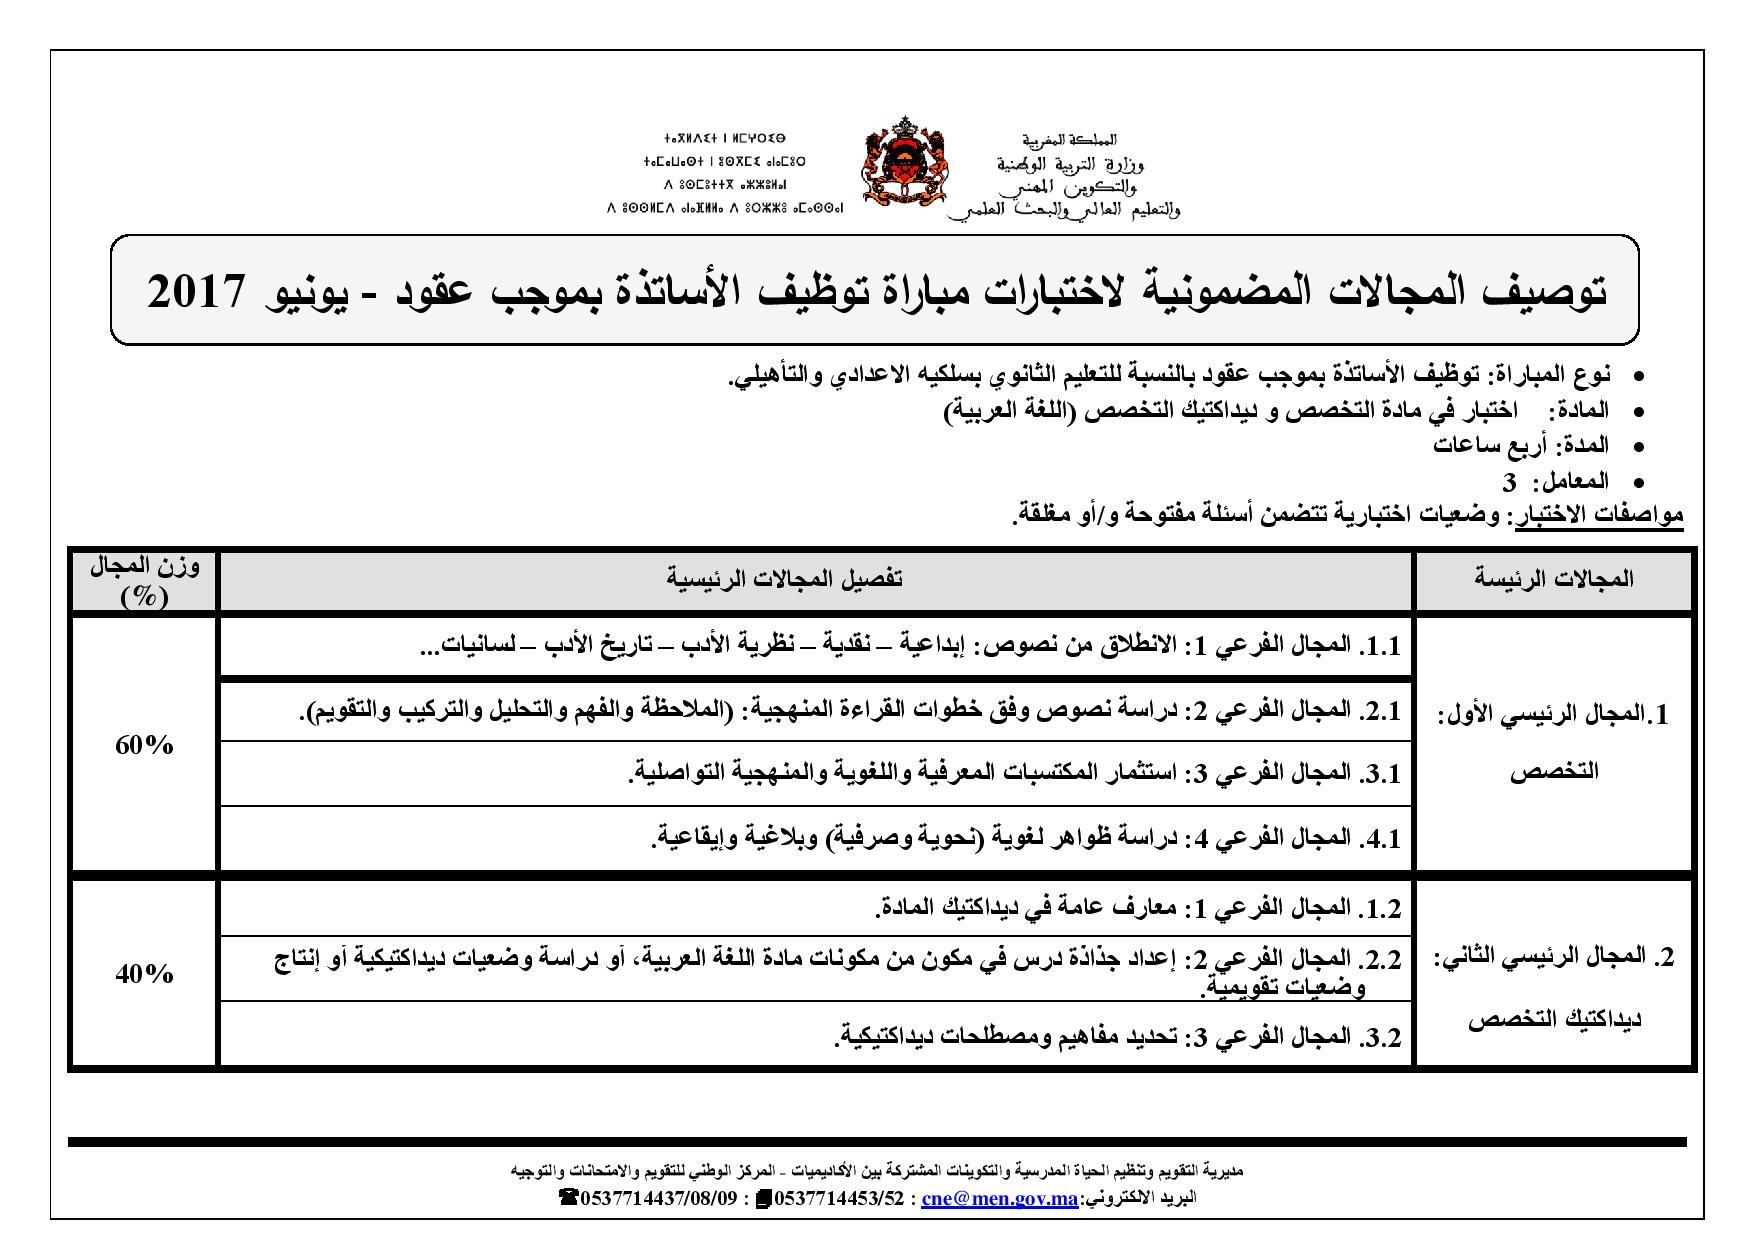 اختبار مباراة التوظيف بموجب عقود اللغة العربية ثانوي